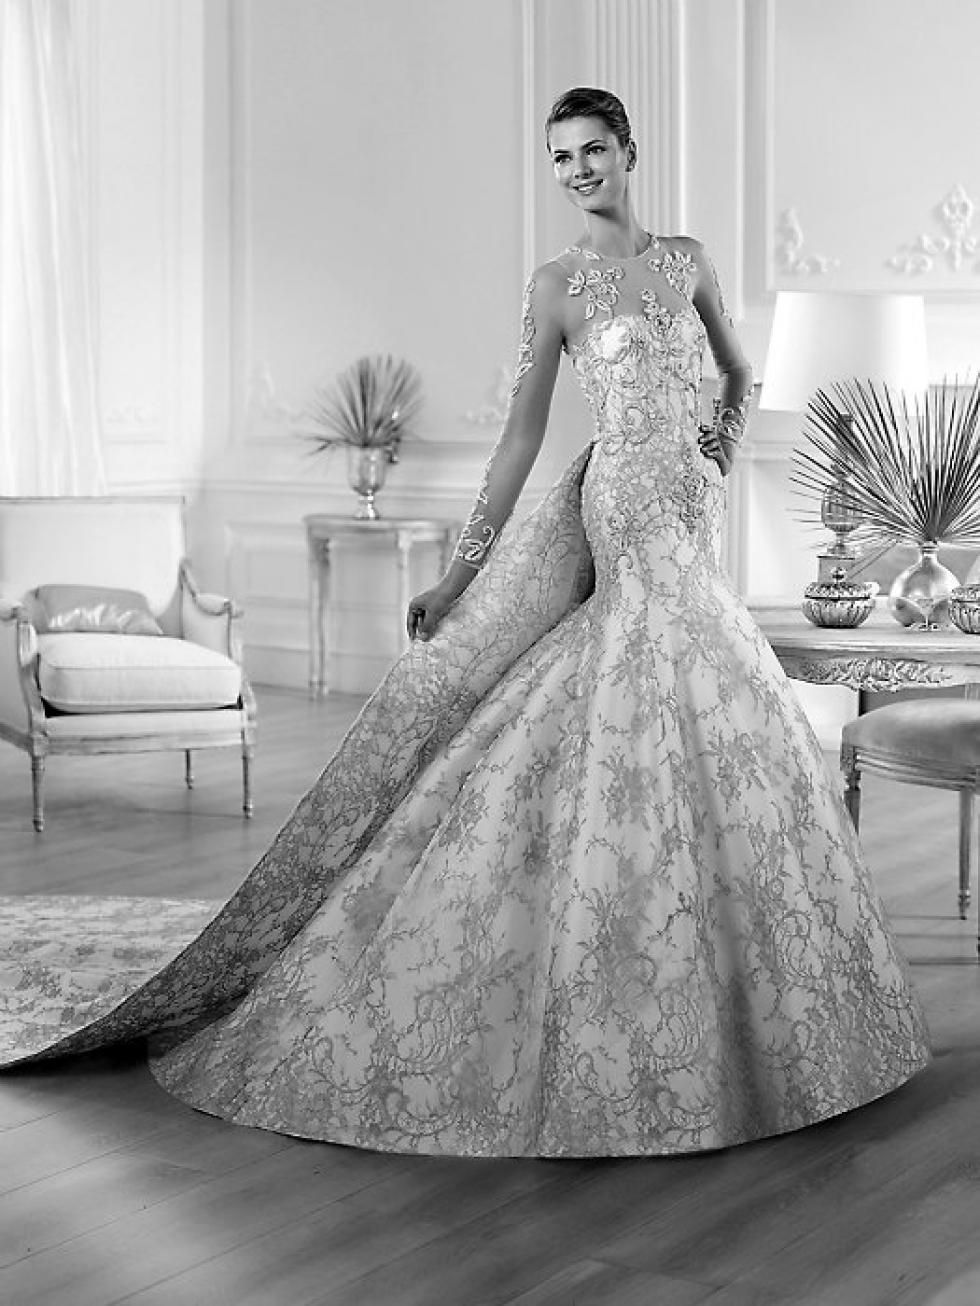 Winter wonderland wedding dress  Warmth a factor for winter wonderland wedding   The